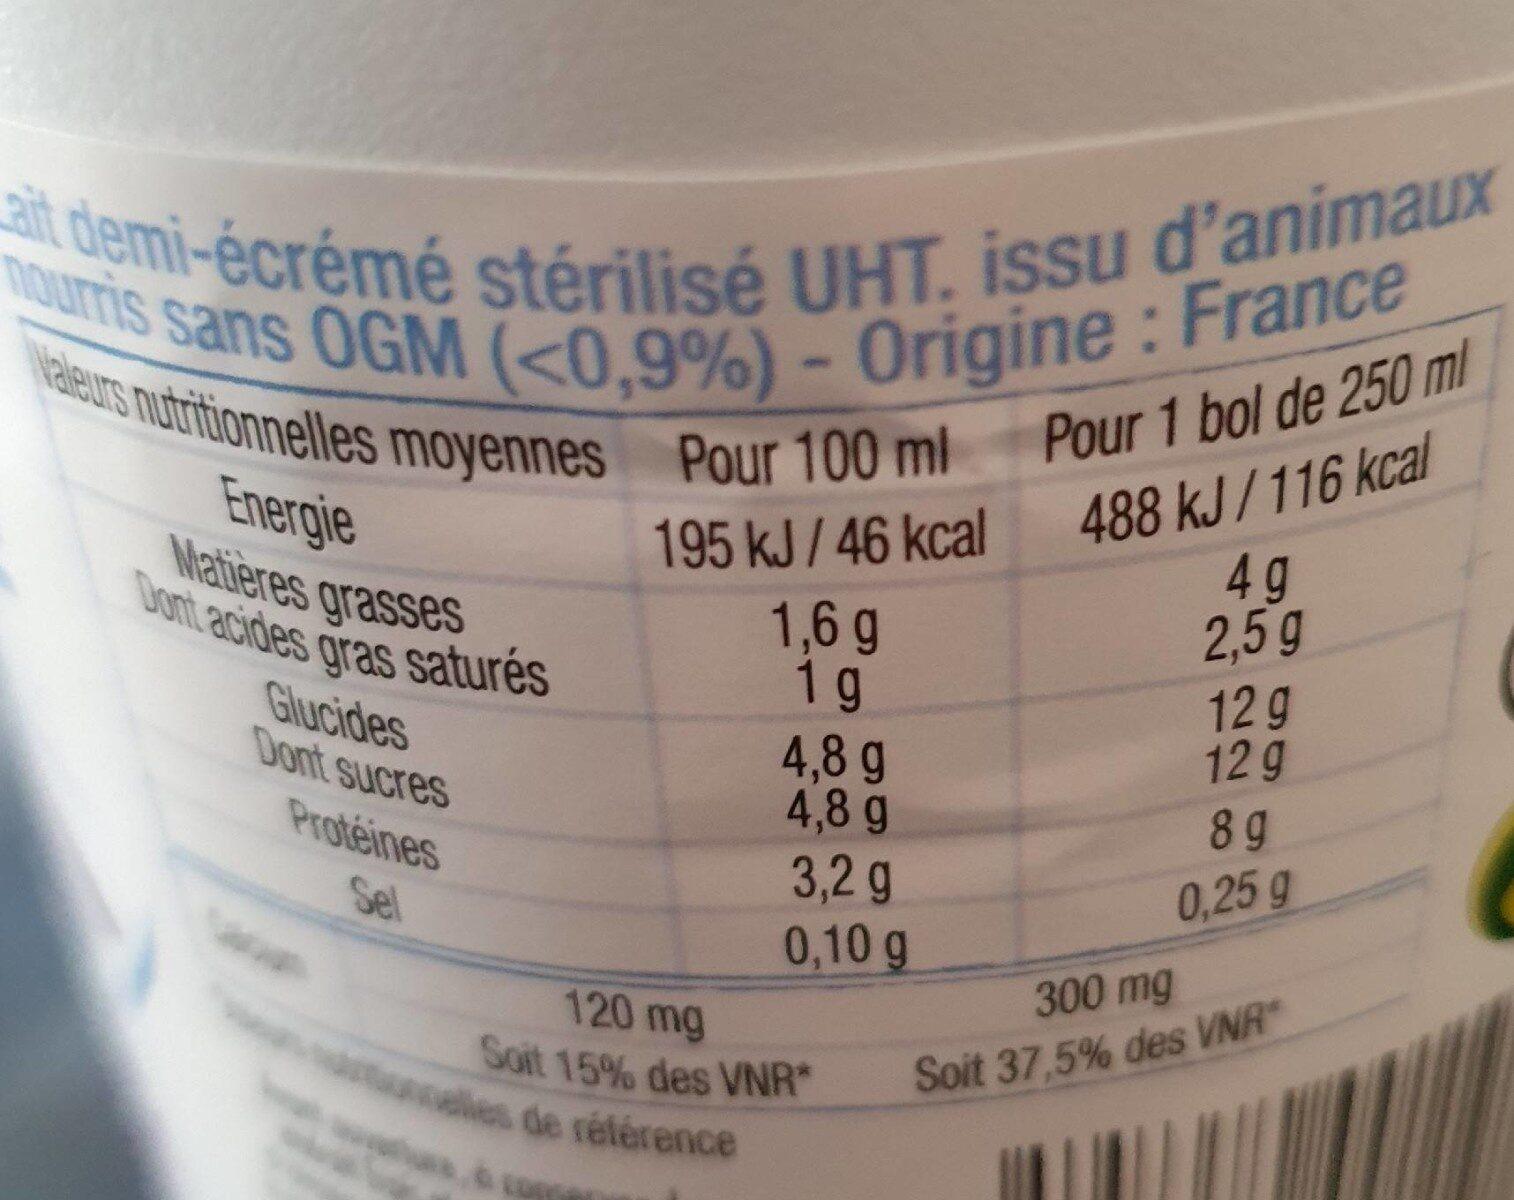 LAIT DEMI-ECREME - Nutrition facts - fr